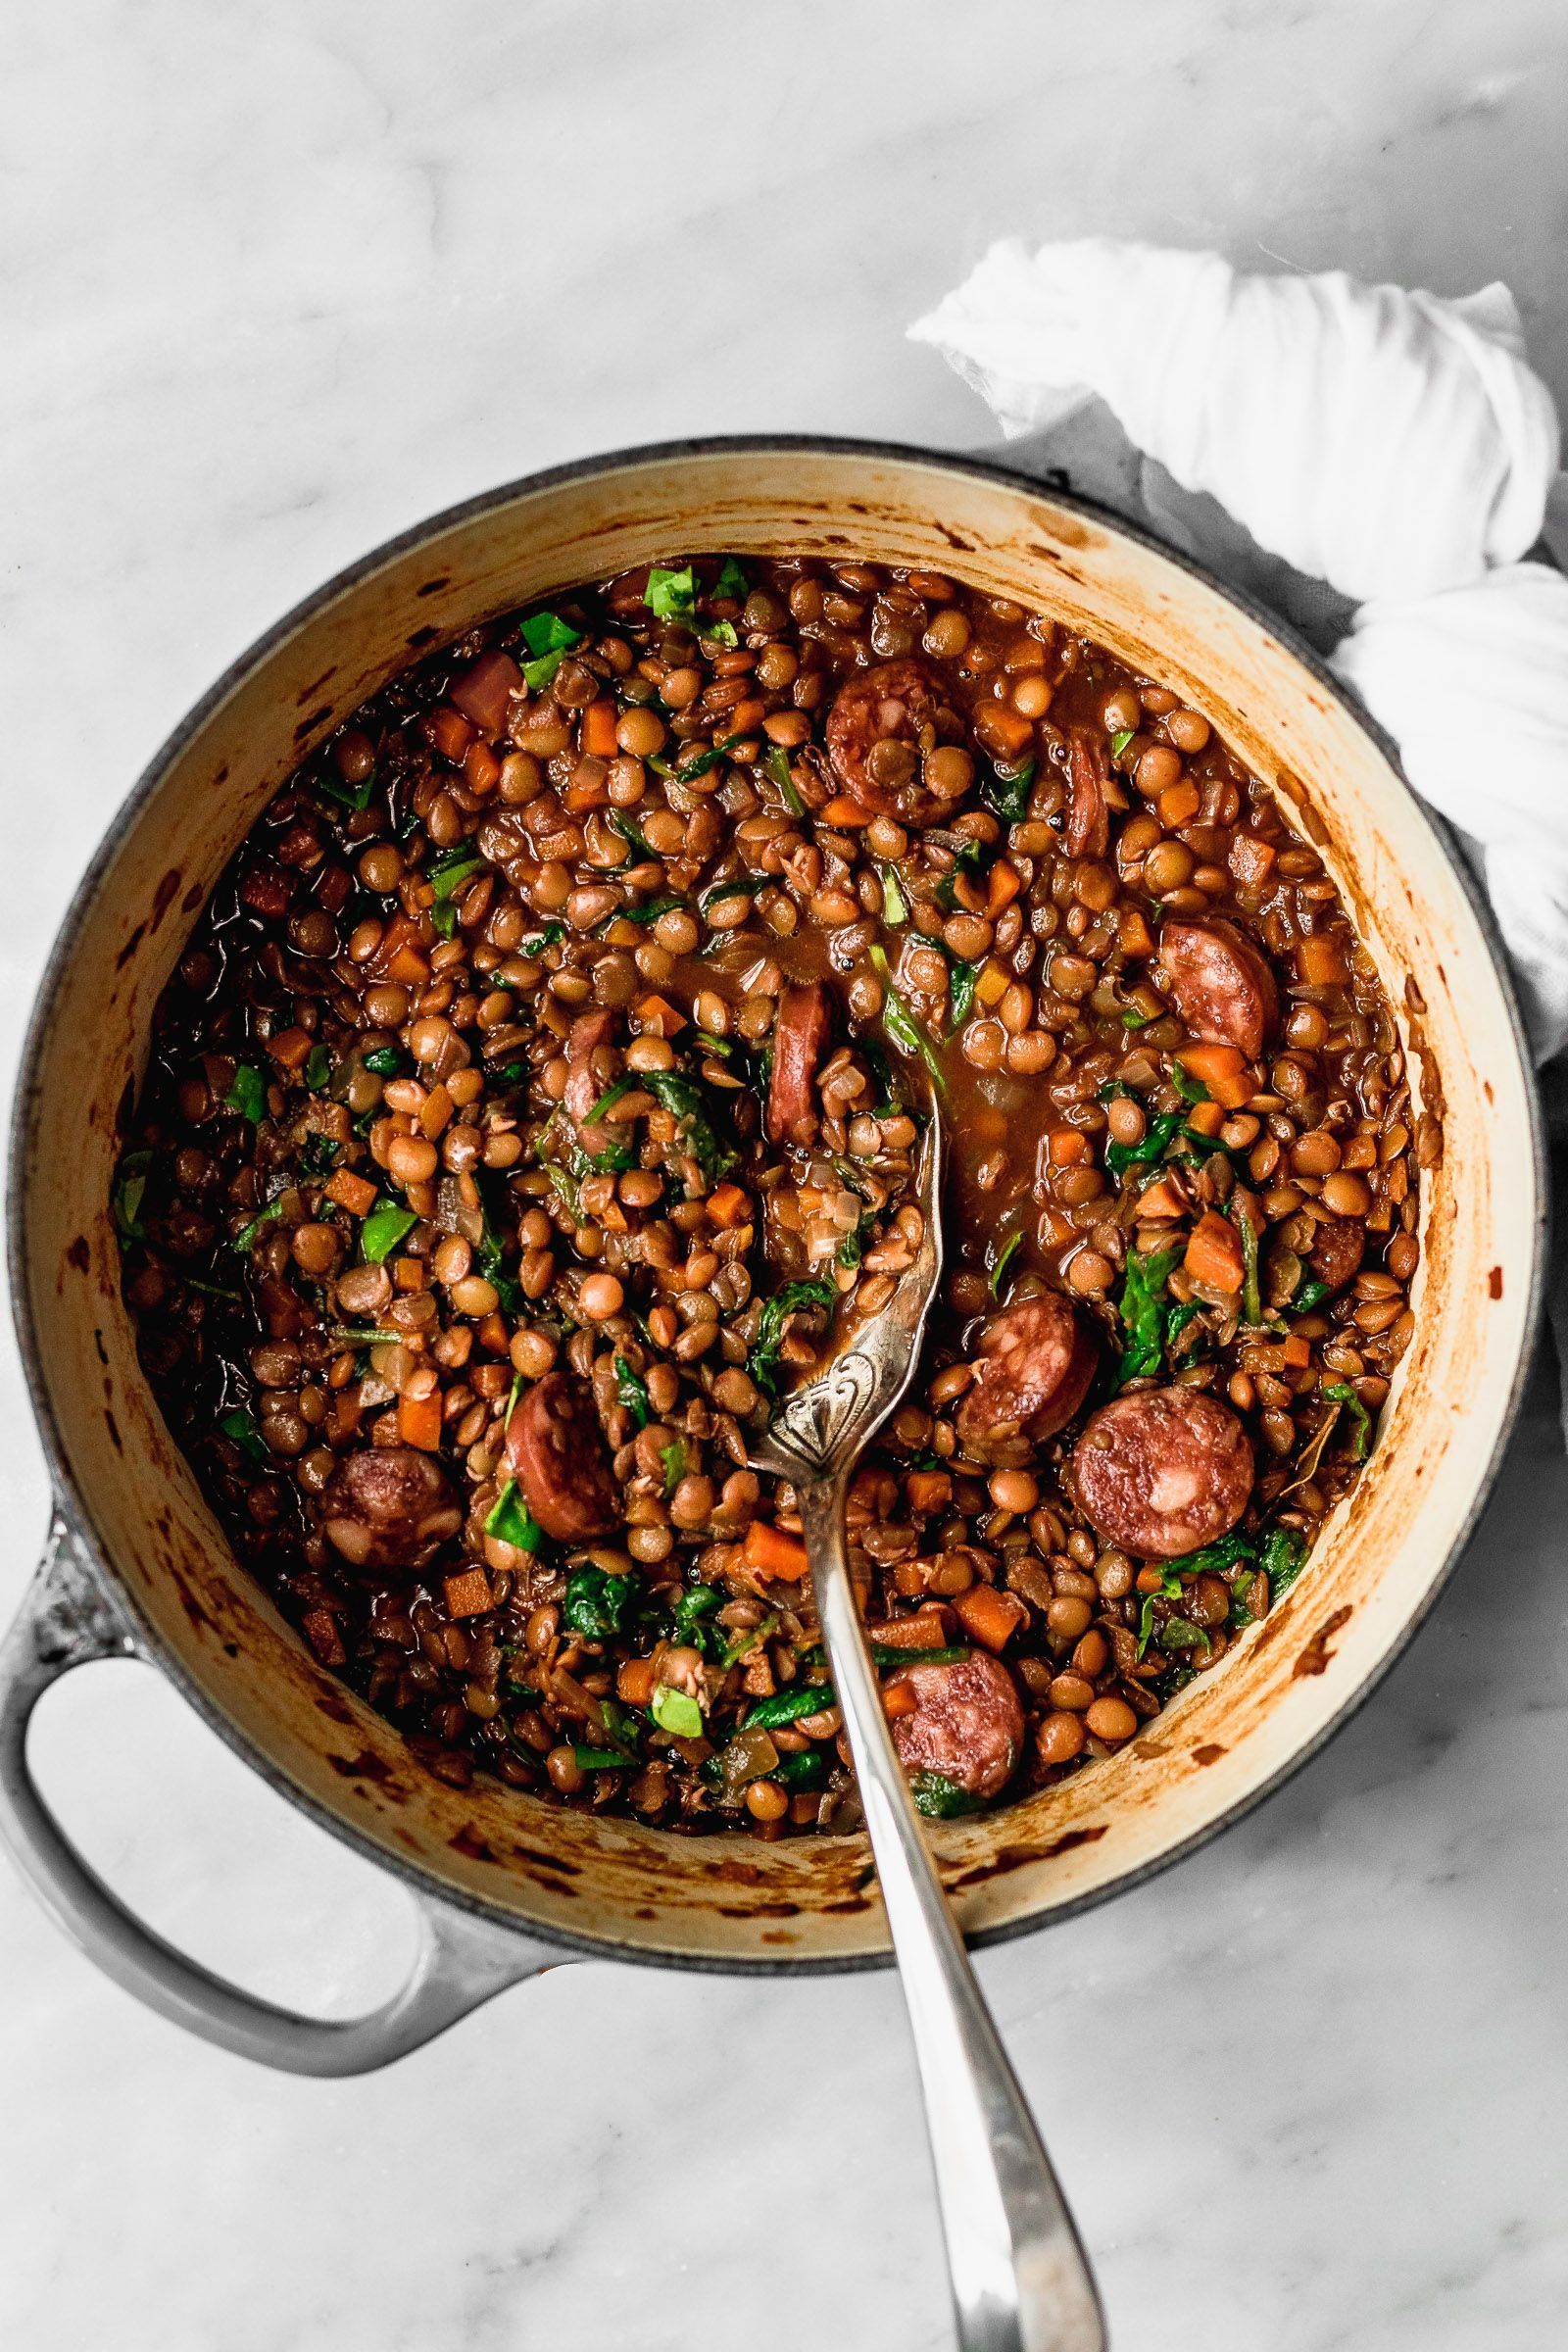 Lentejas Con Chorizo Cravings Journal Receta Lentejas Lentejas Receta Recetas Con Chorizo